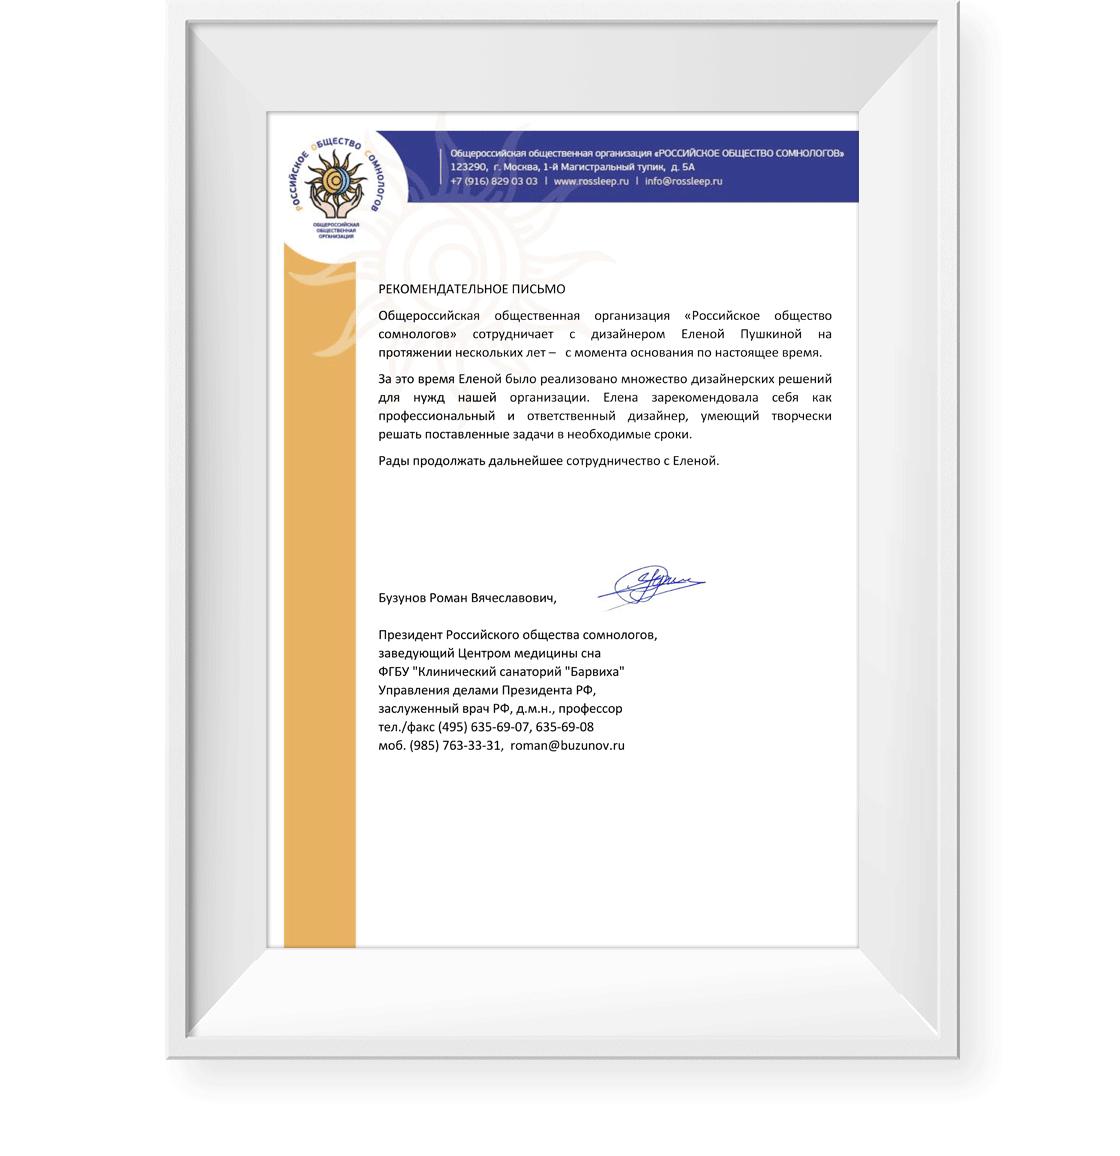 Клинический санаторий «Барвиха» Управления делами Президента Российской Федерации Рекомендации